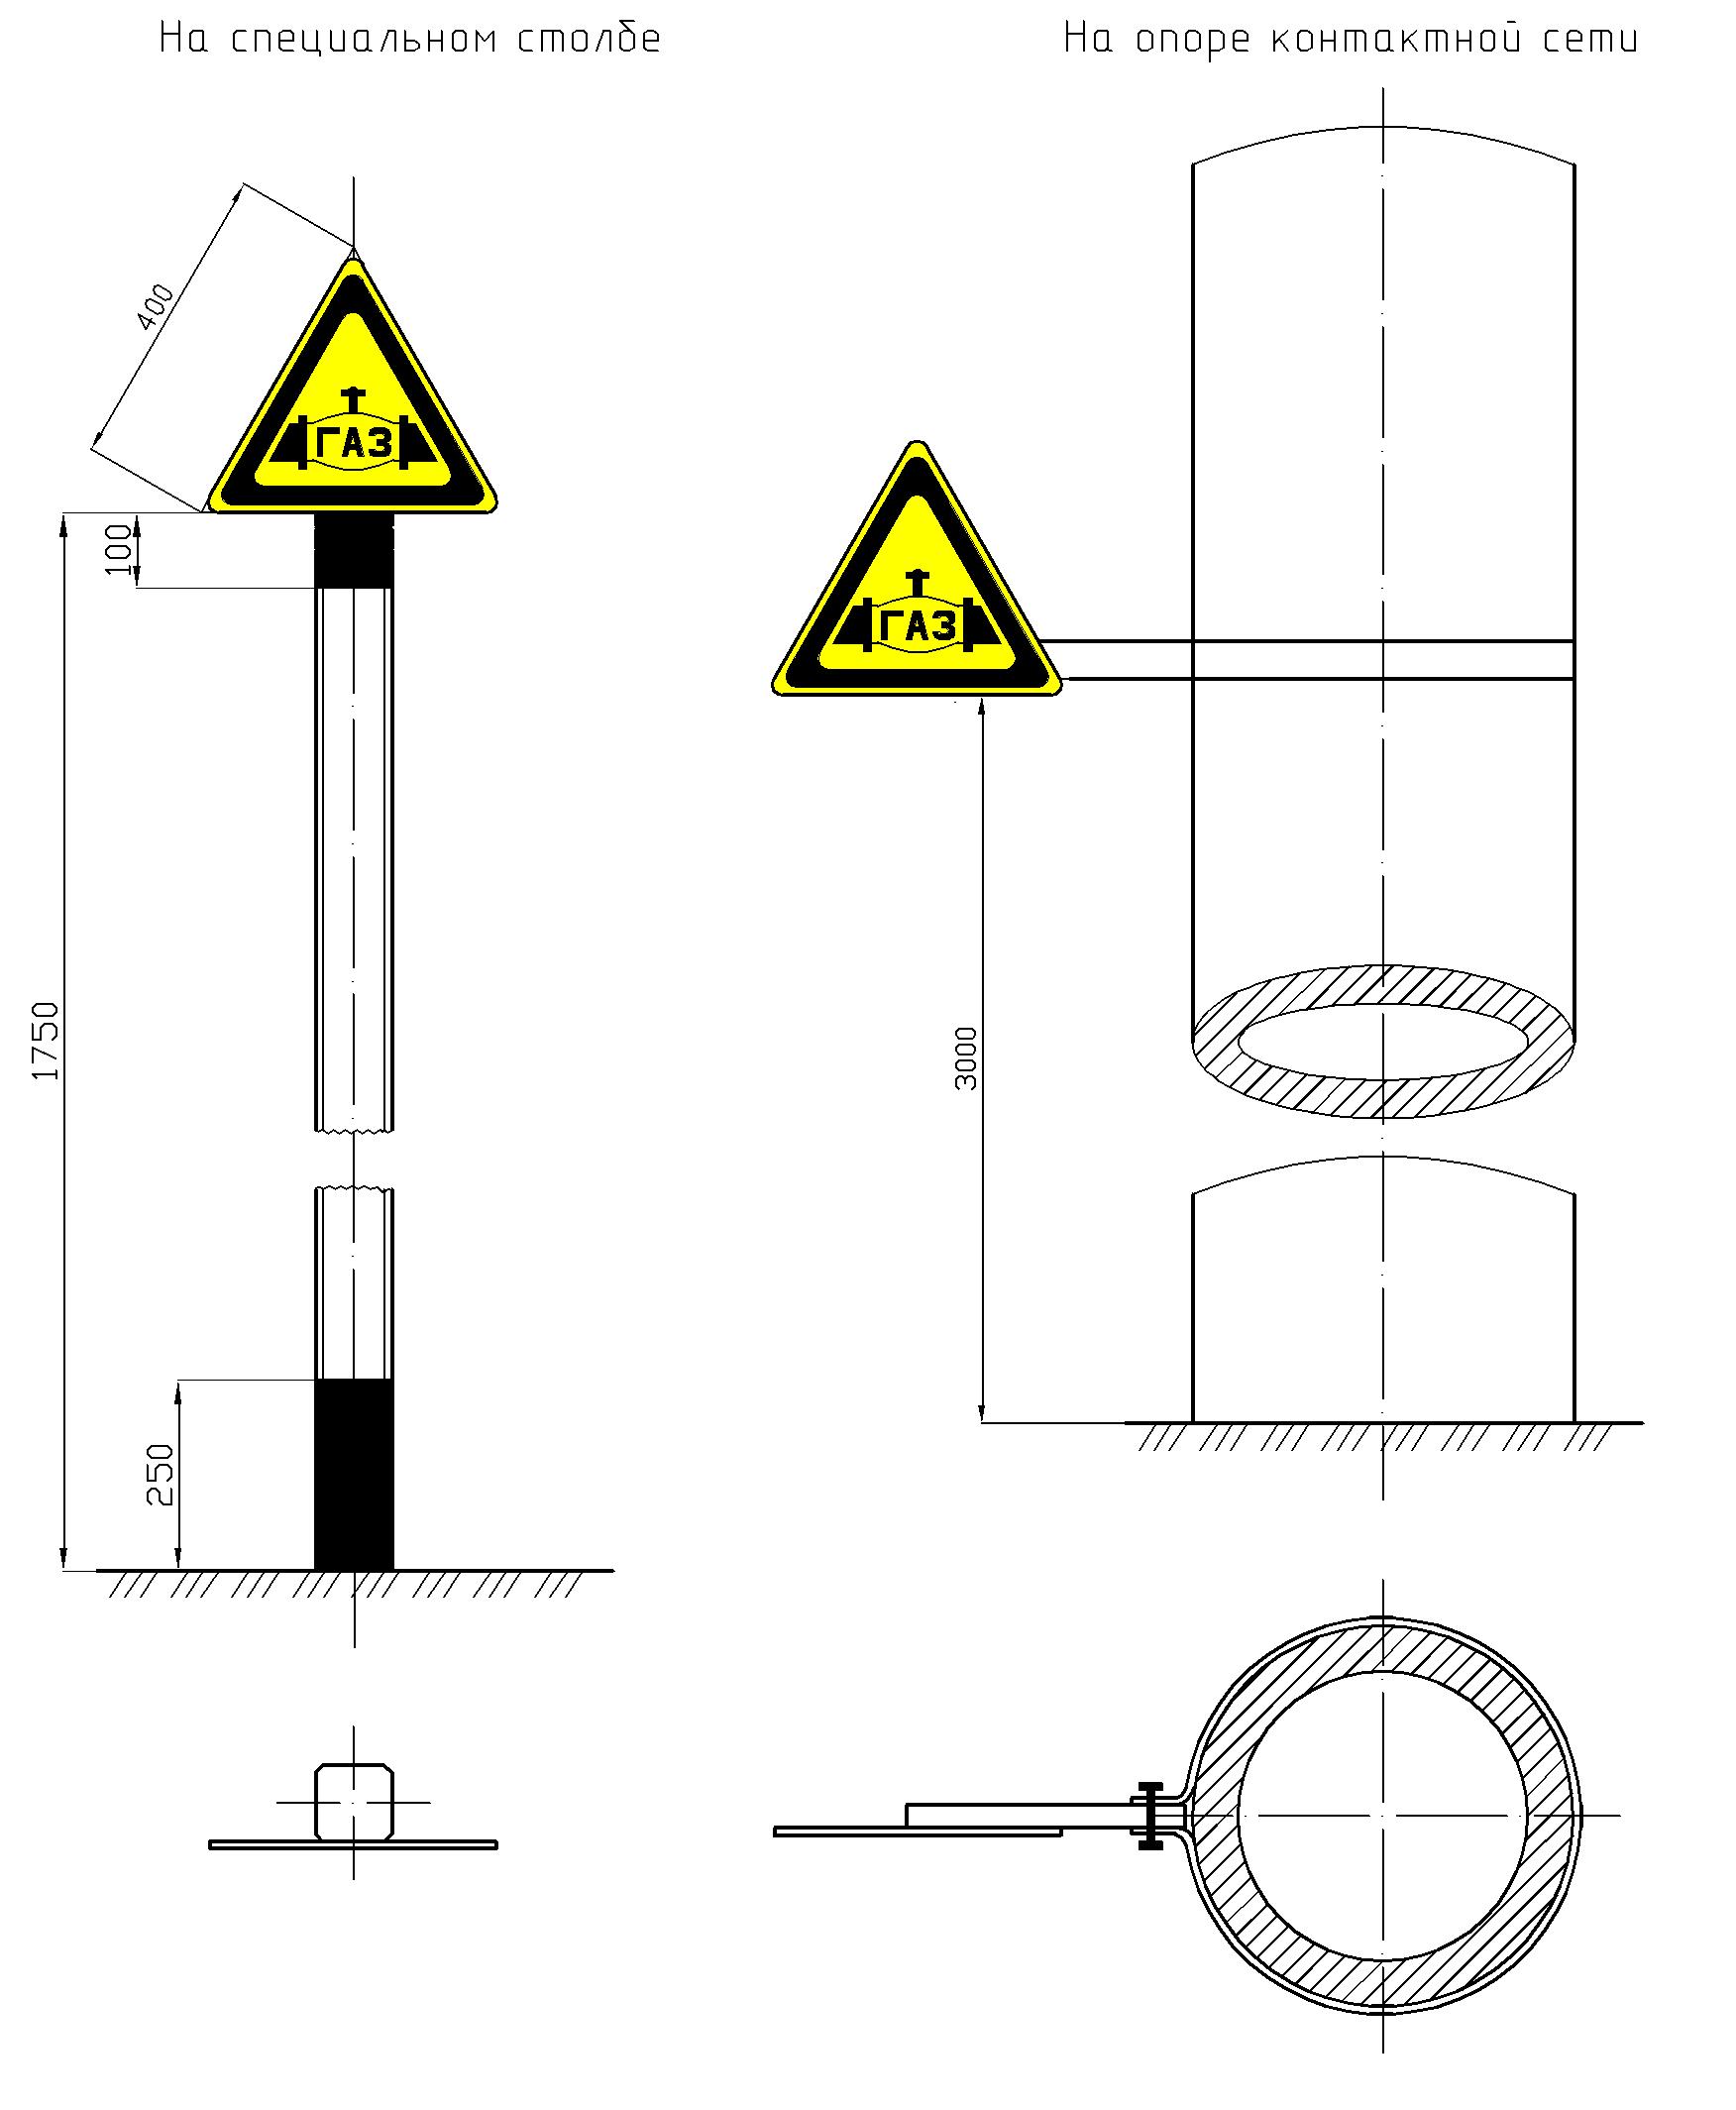 Рисунок 17. Постоянный сигнальный знак «Газ»